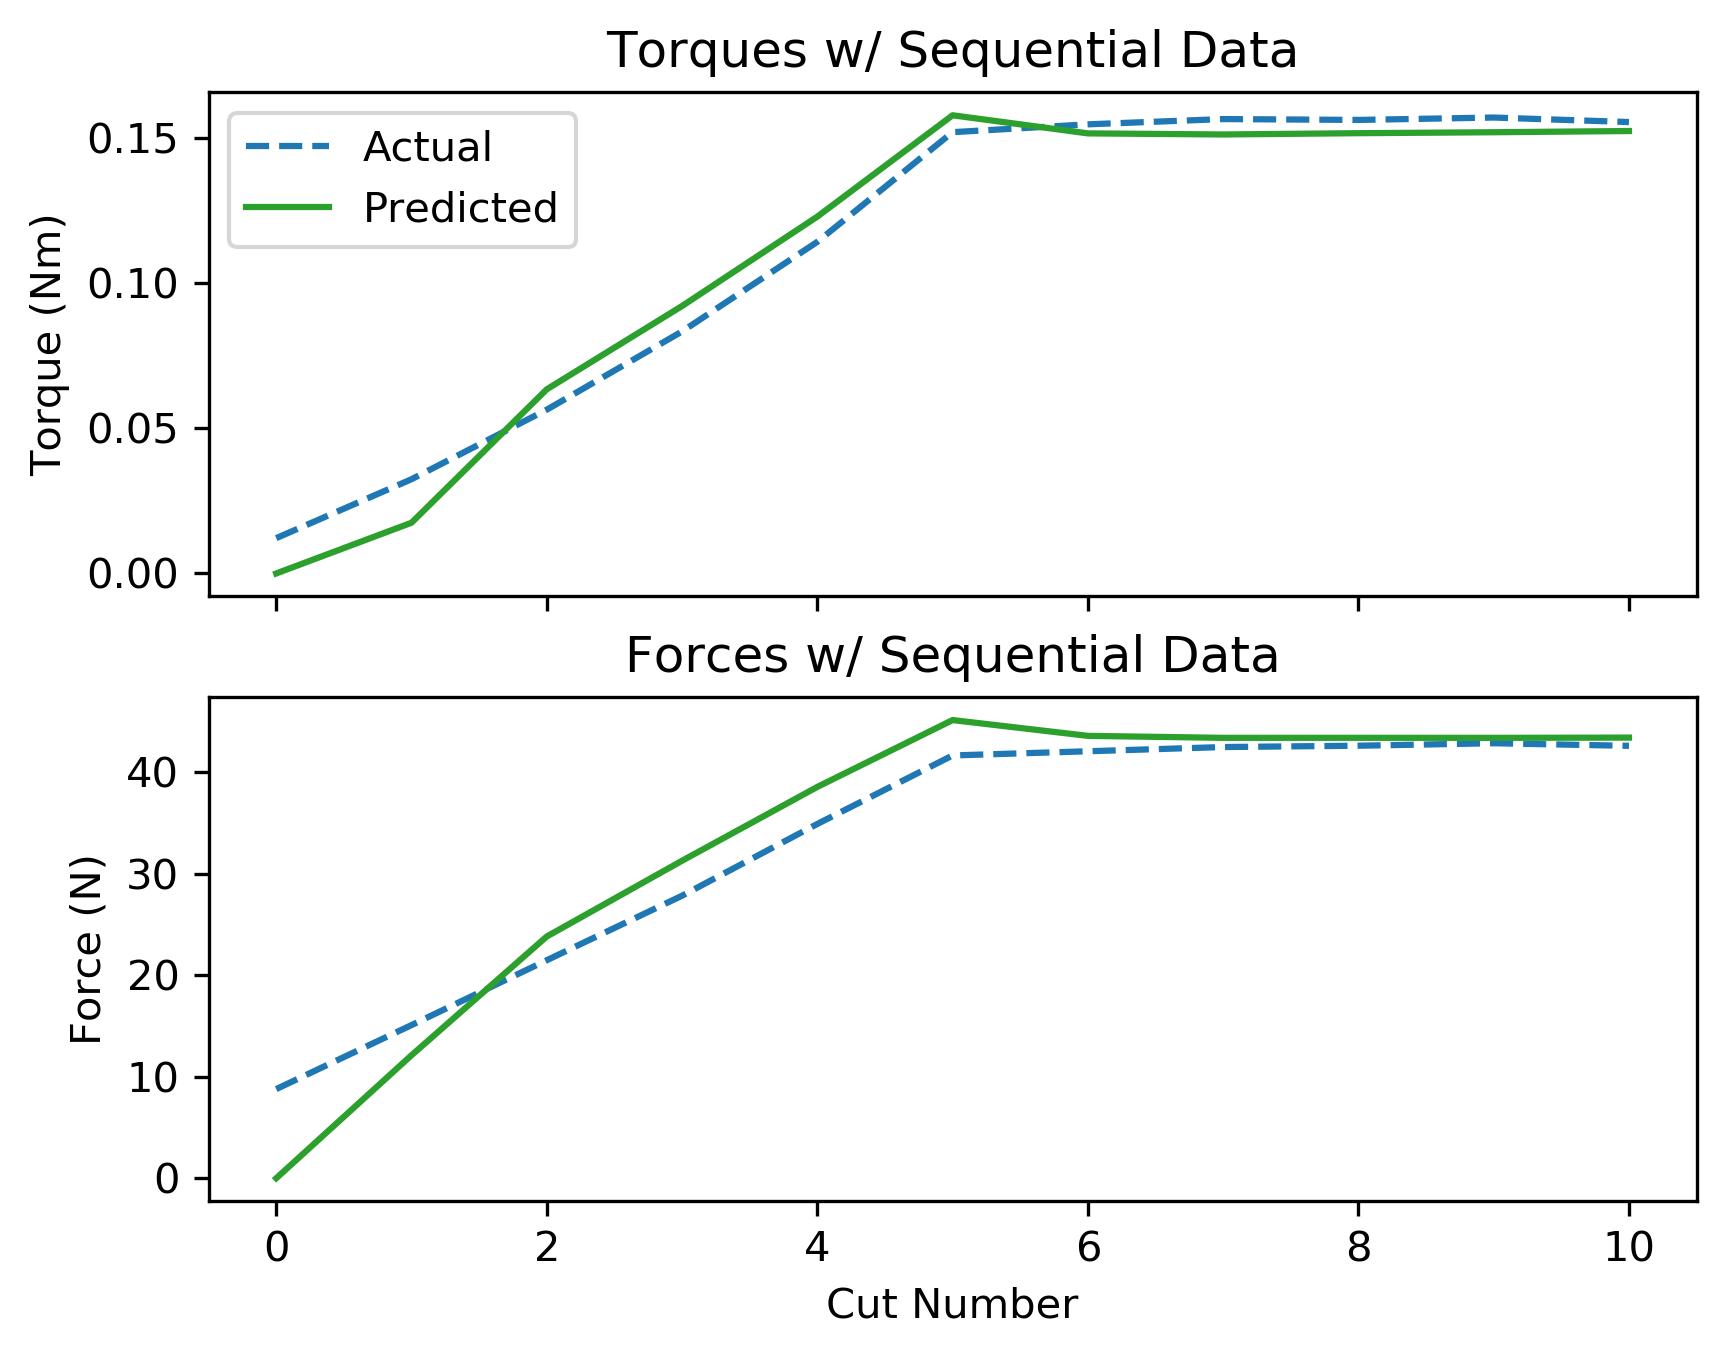 assets/ammp_graphs/ammp-uhmw-1_4_seq_data.png